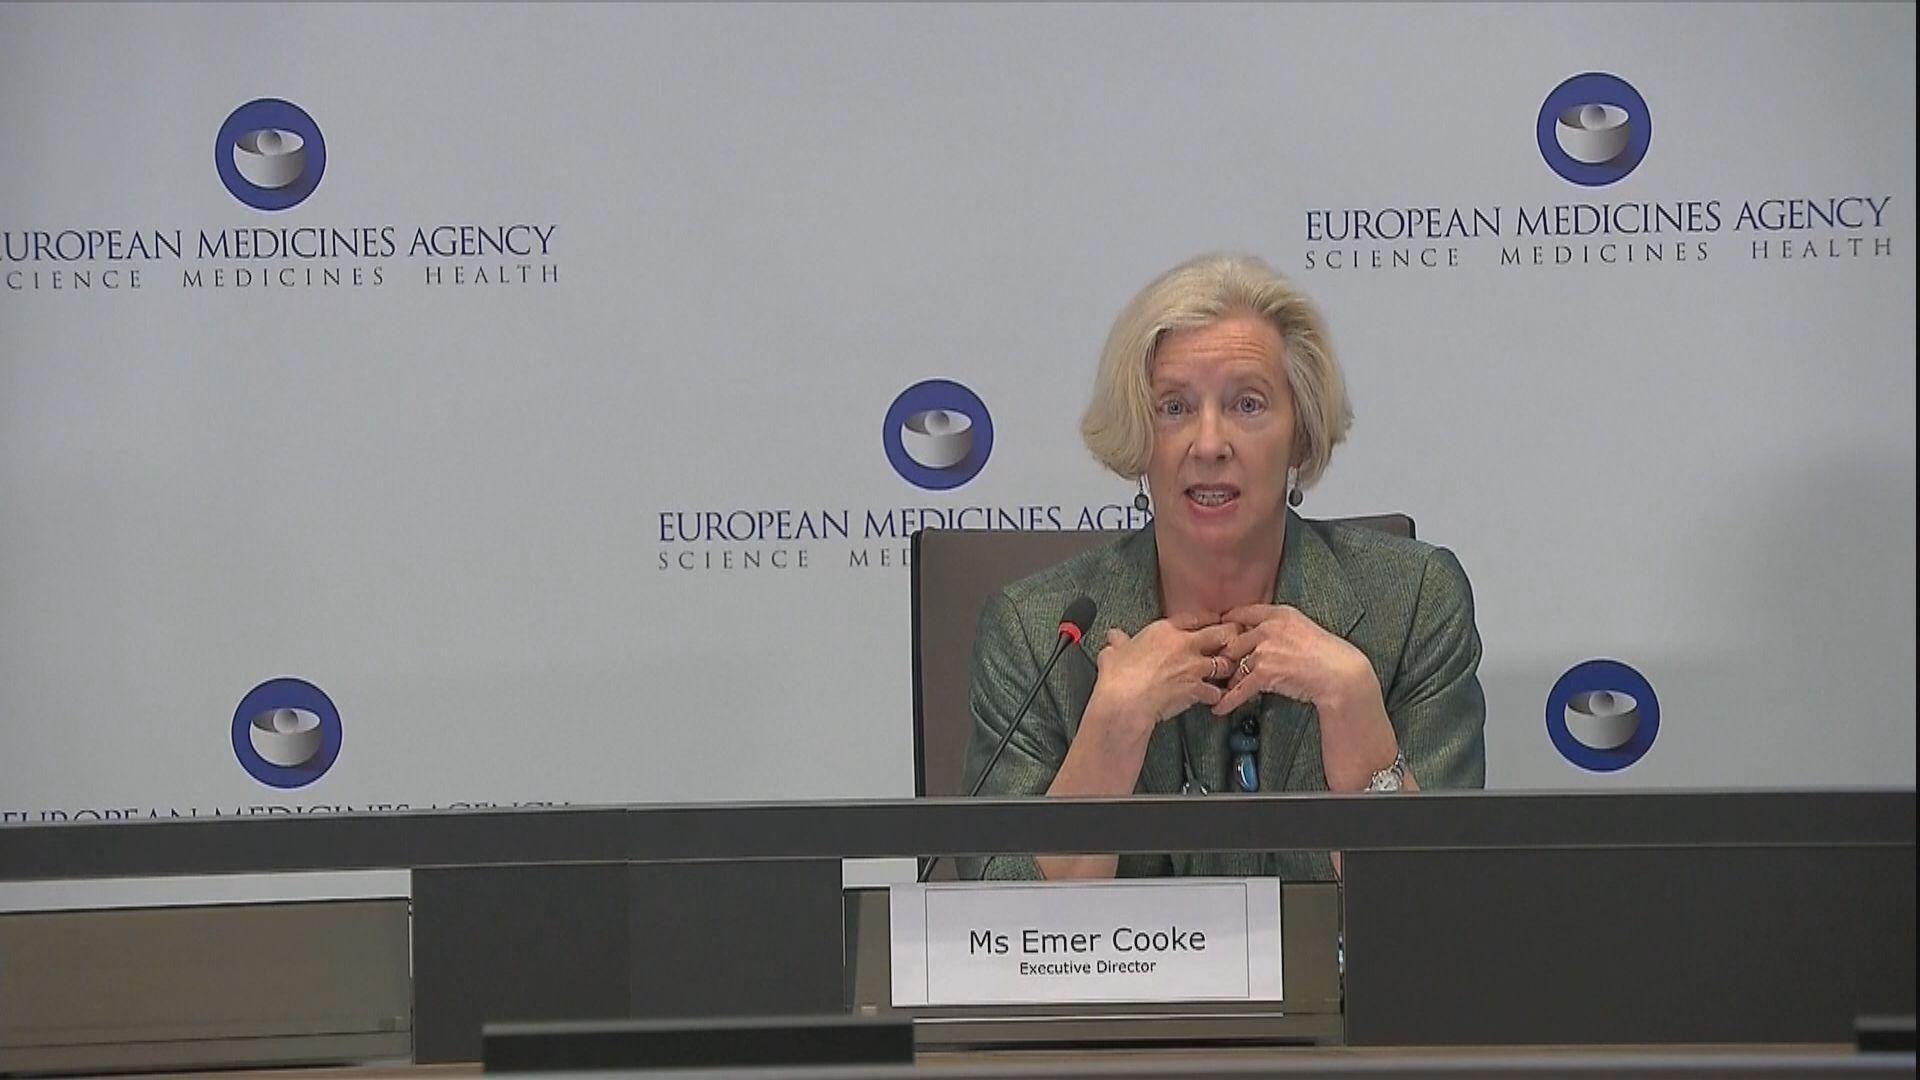 歐洲藥品管理局評定阿斯利康疫苗安全有效 歐盟等國恢復接種